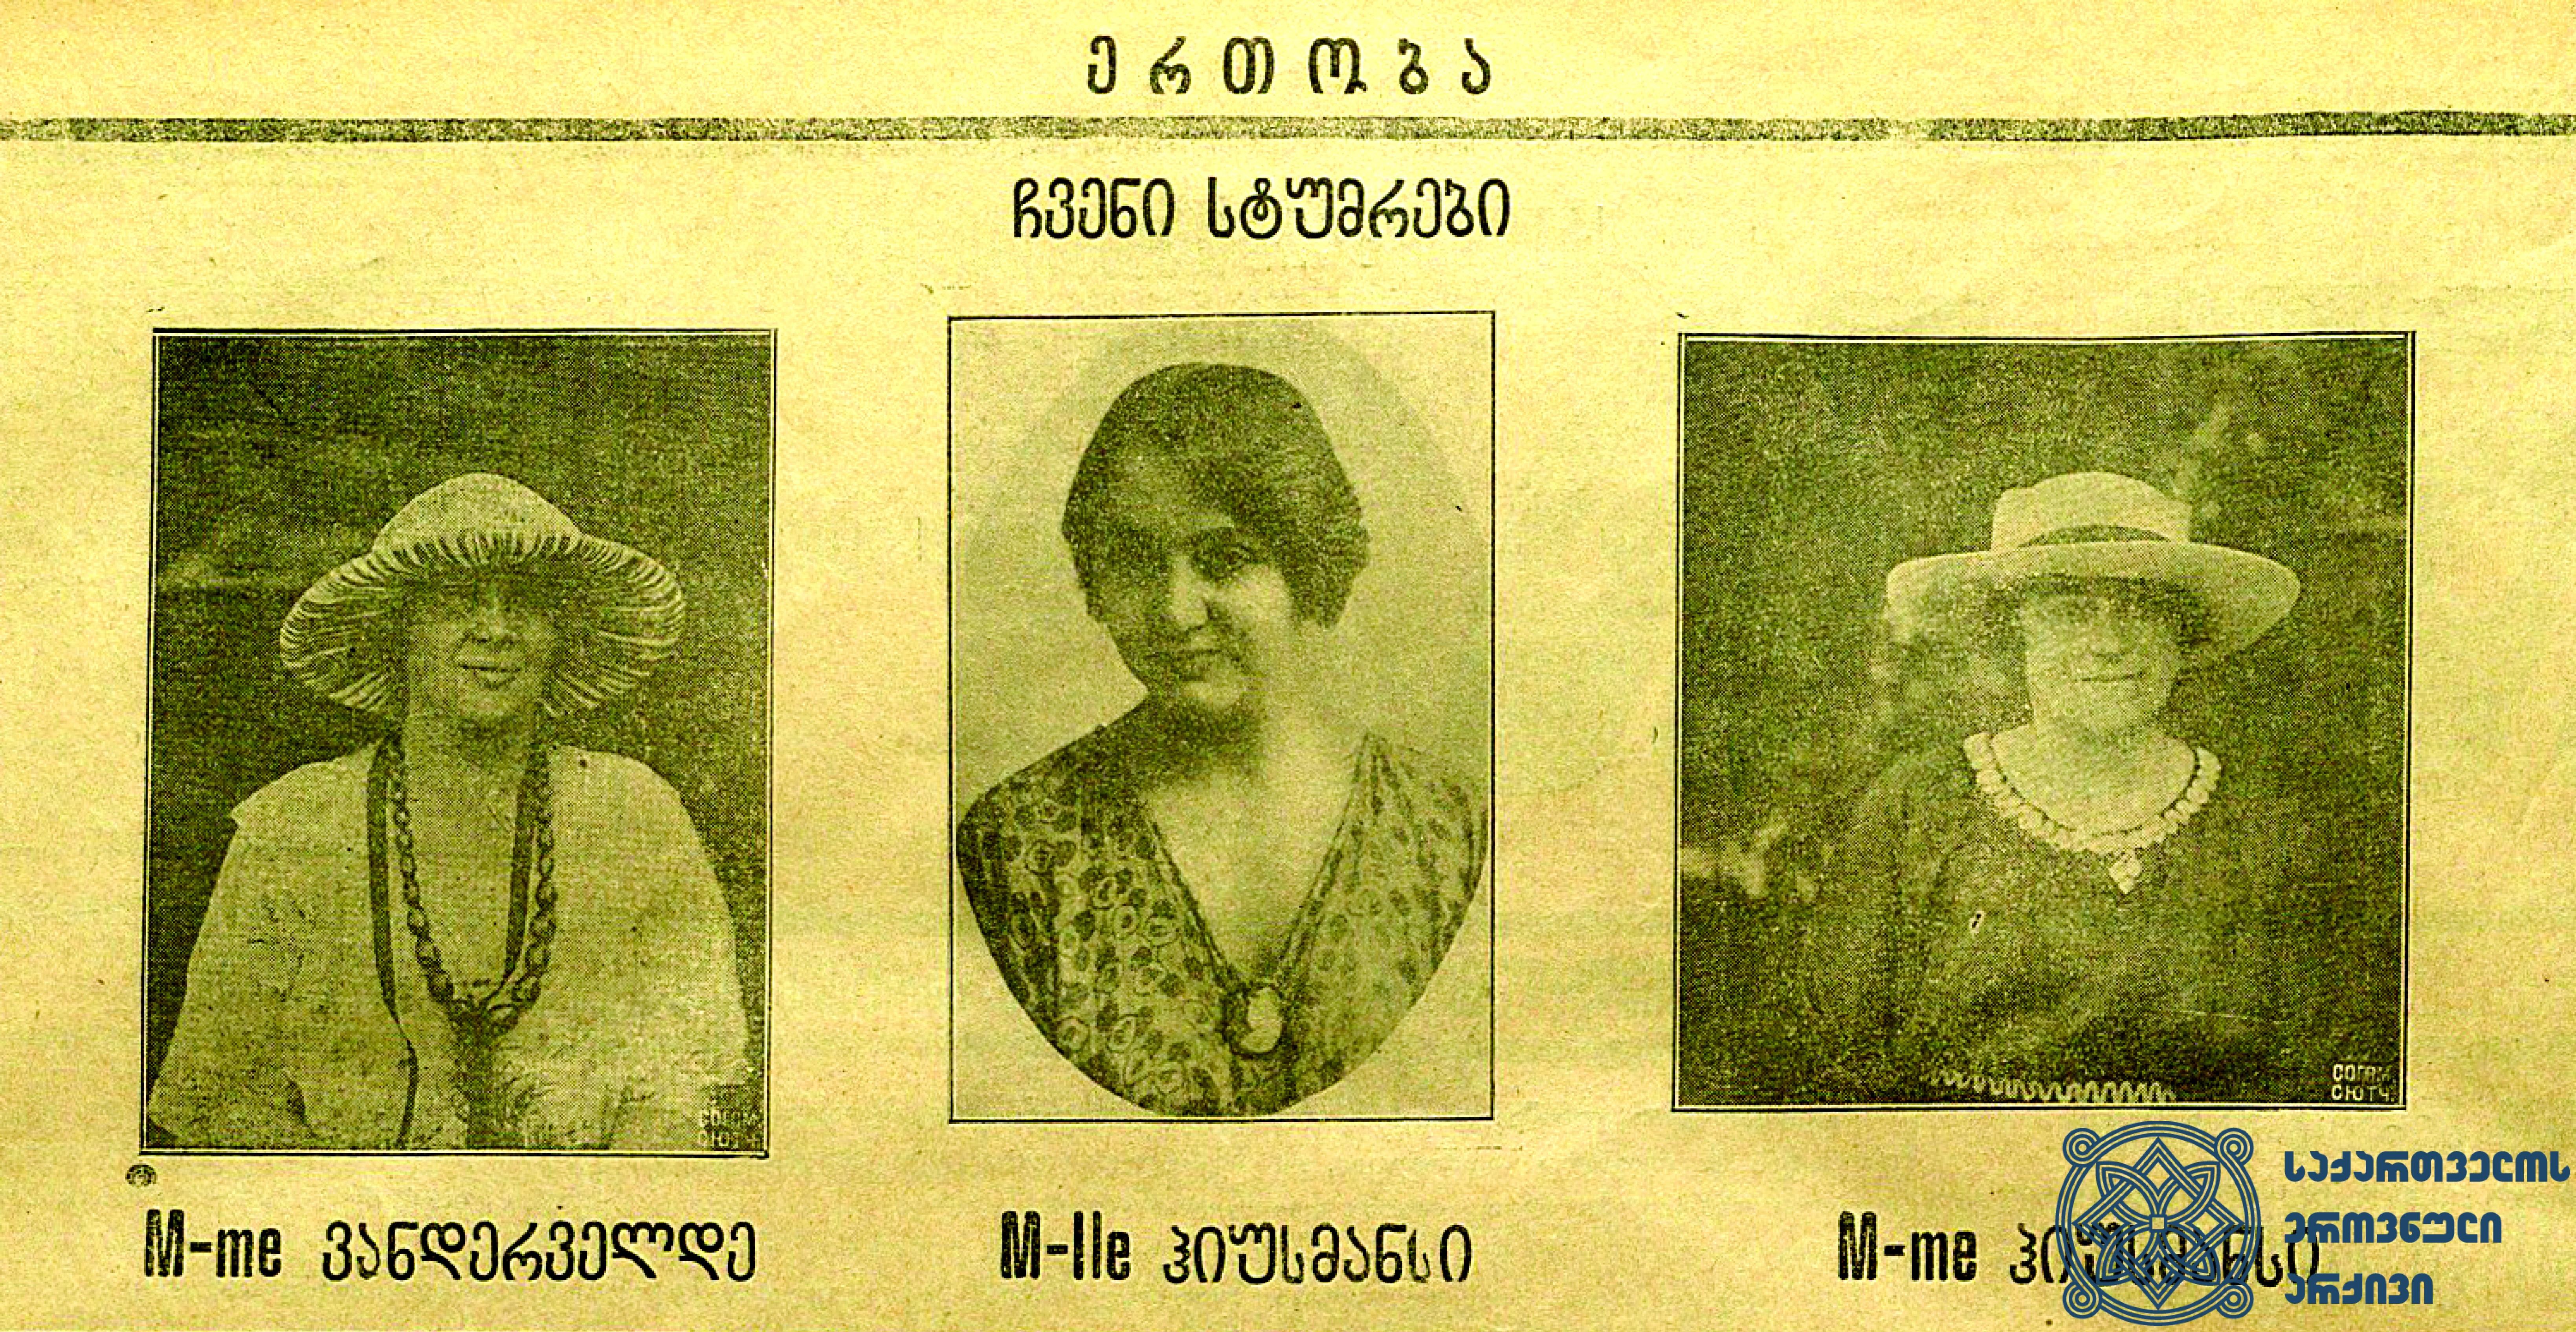 """ქართული პრესა ქვეყნის მოსახლეობას სოციალისტური დელეგაციის ქალ წევრებს აცნობდა. გაზეთი """"ერთობა"""",  1920 წლის  21 სექტემბერი. <br> The Georgian press introduced the female members of the socialist delegation to the population of the country. Newspaper """"Ertoba"""", September 21, 1920."""